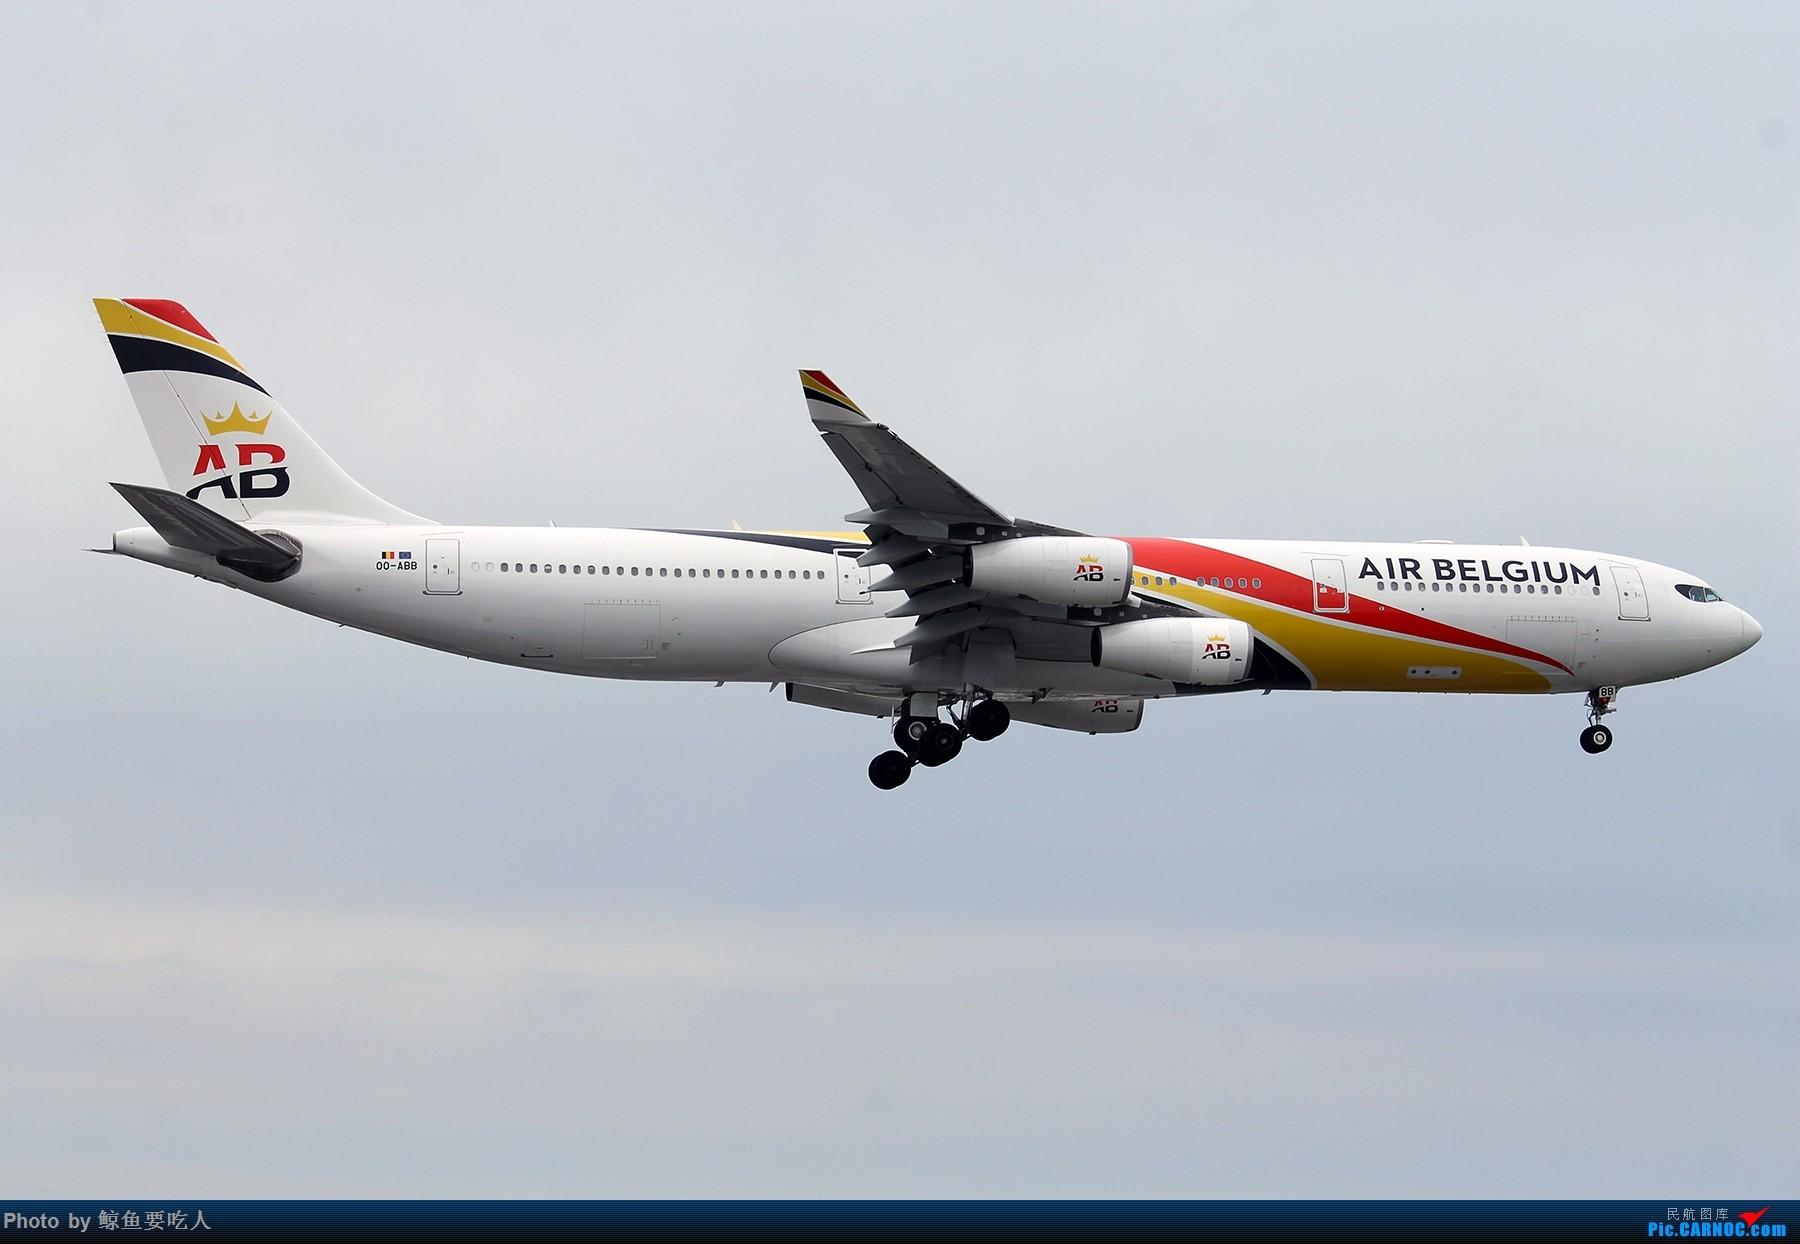 [原创][难得一图党] Air Belgium A340-300 OO-ABB @YYZ AIRBUS A340-300 OO-ABB 多伦多皮尔逊国际机场